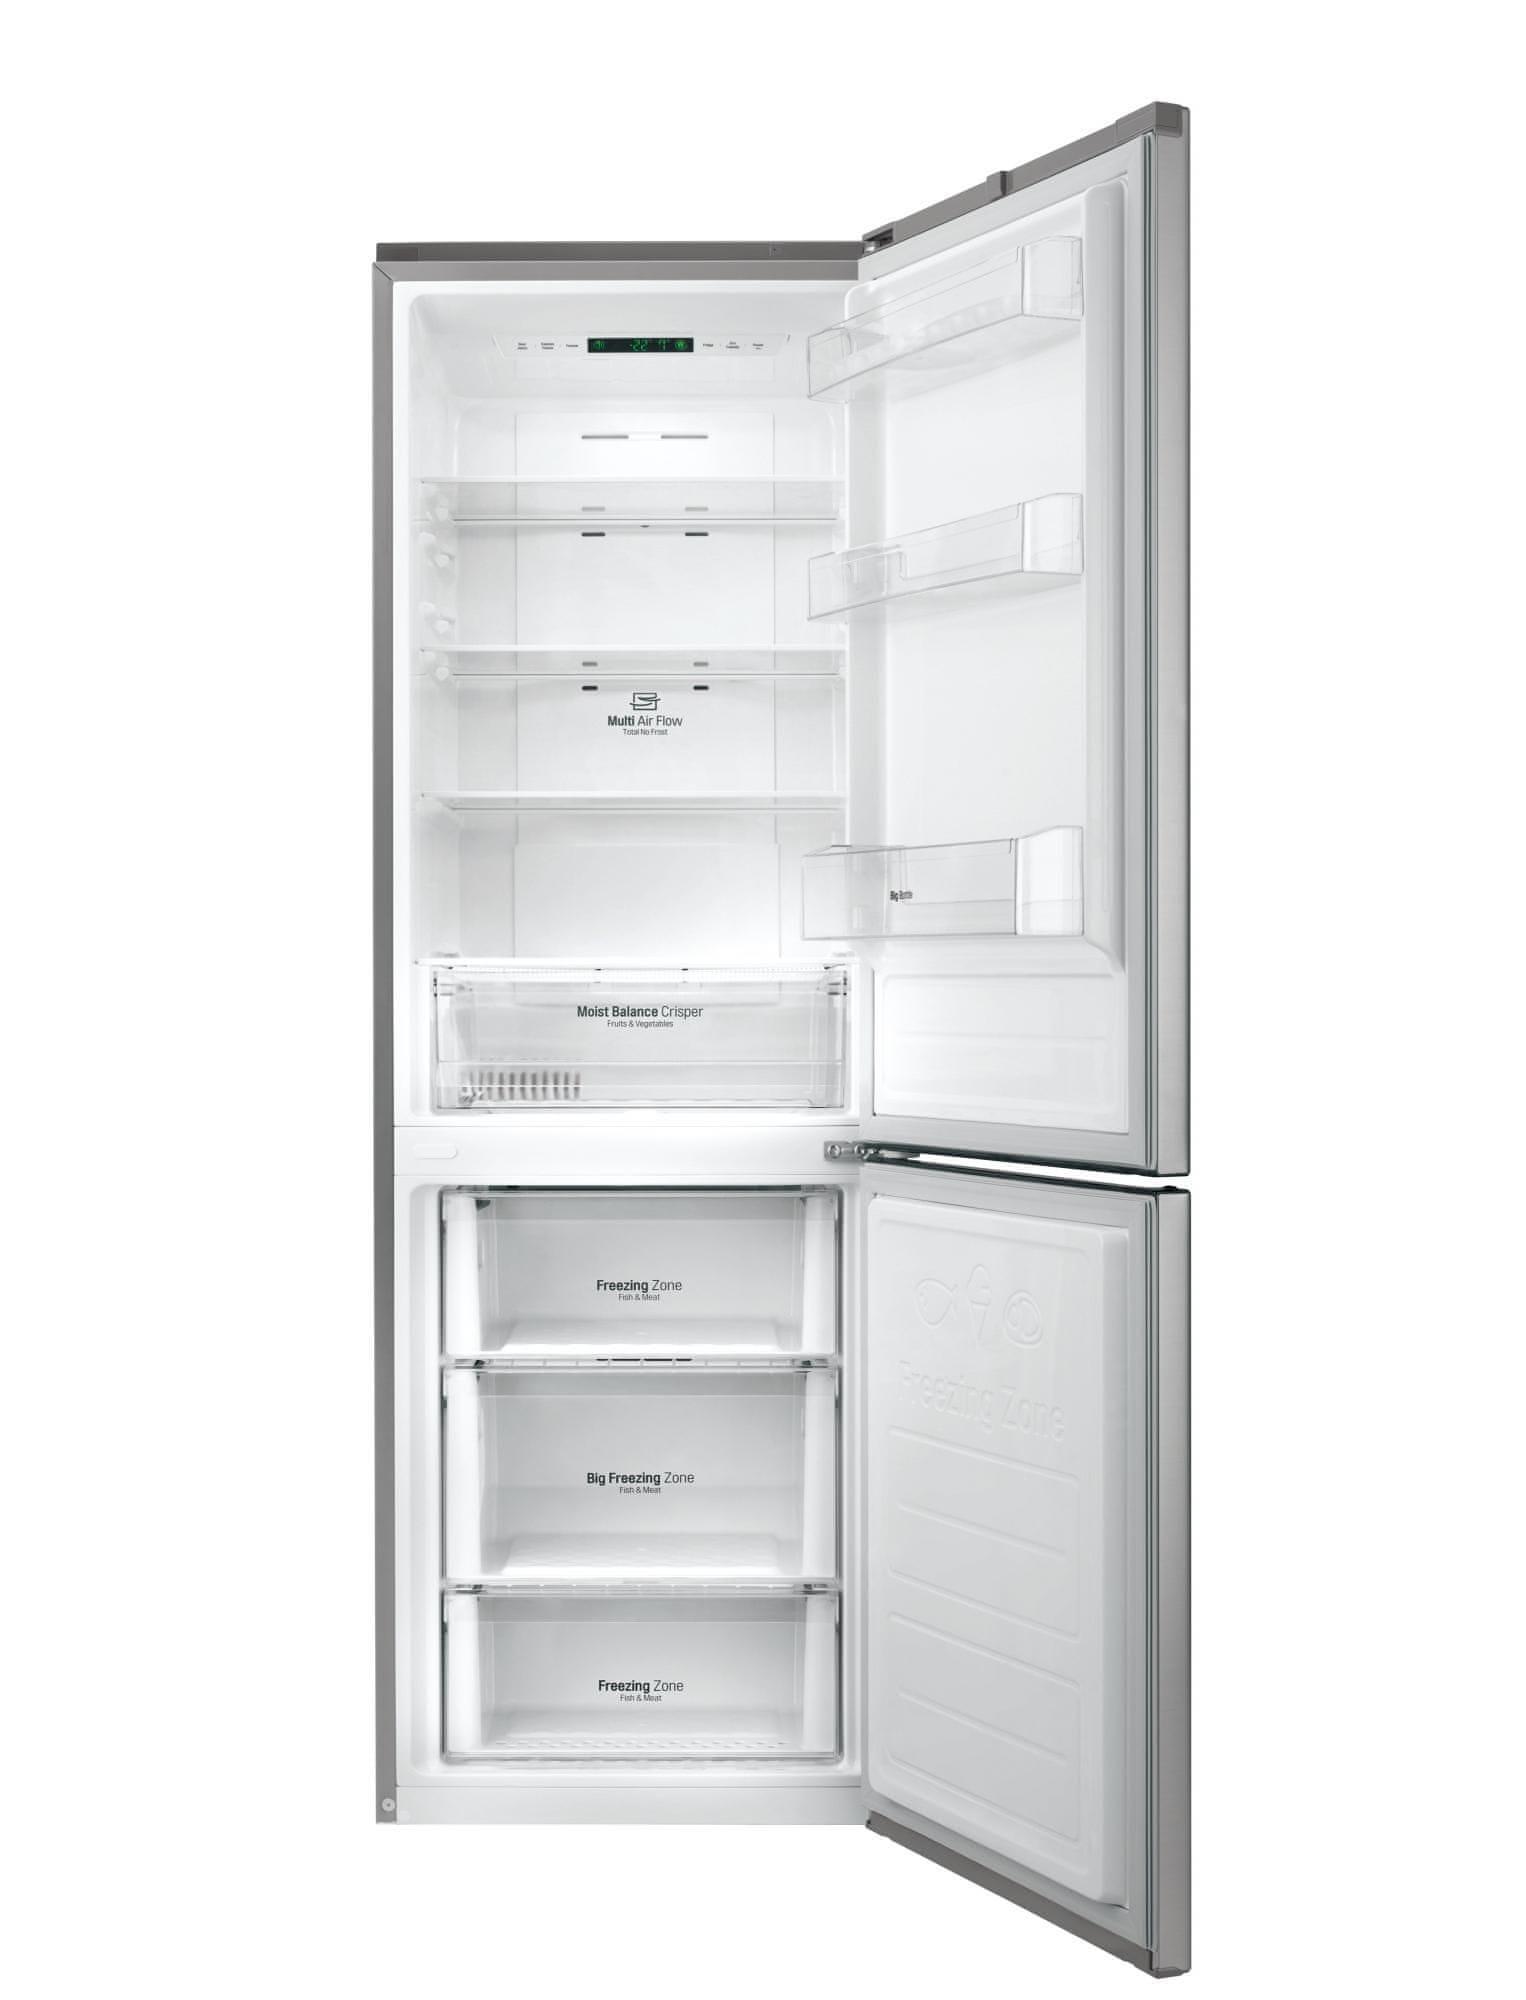 LG GBB59PZJZS Szabadonálló hűtőszekrény